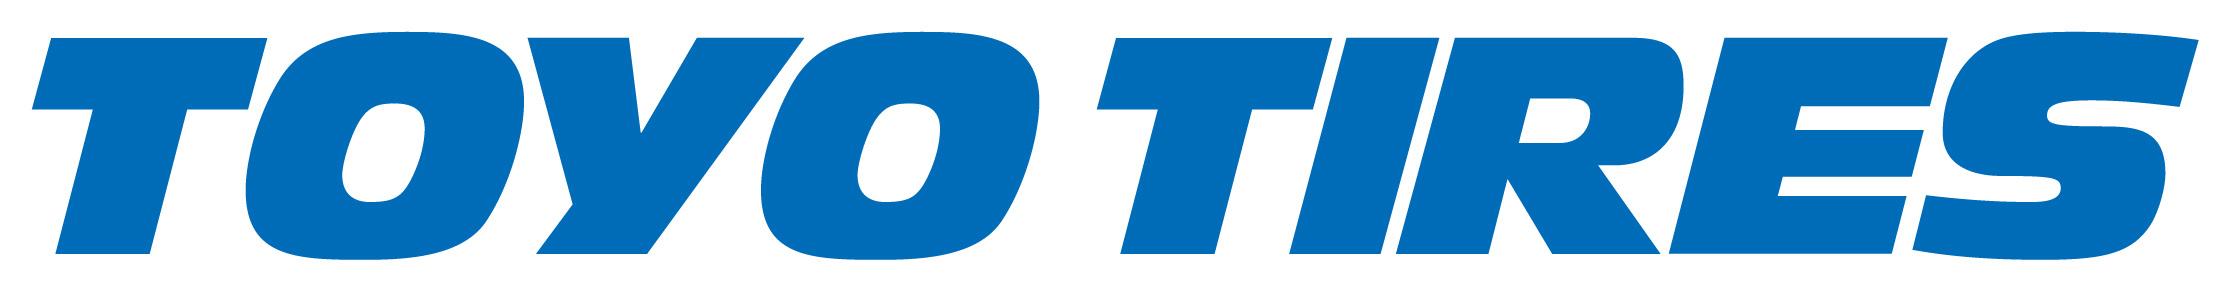 Sponsor - Toyo Tires